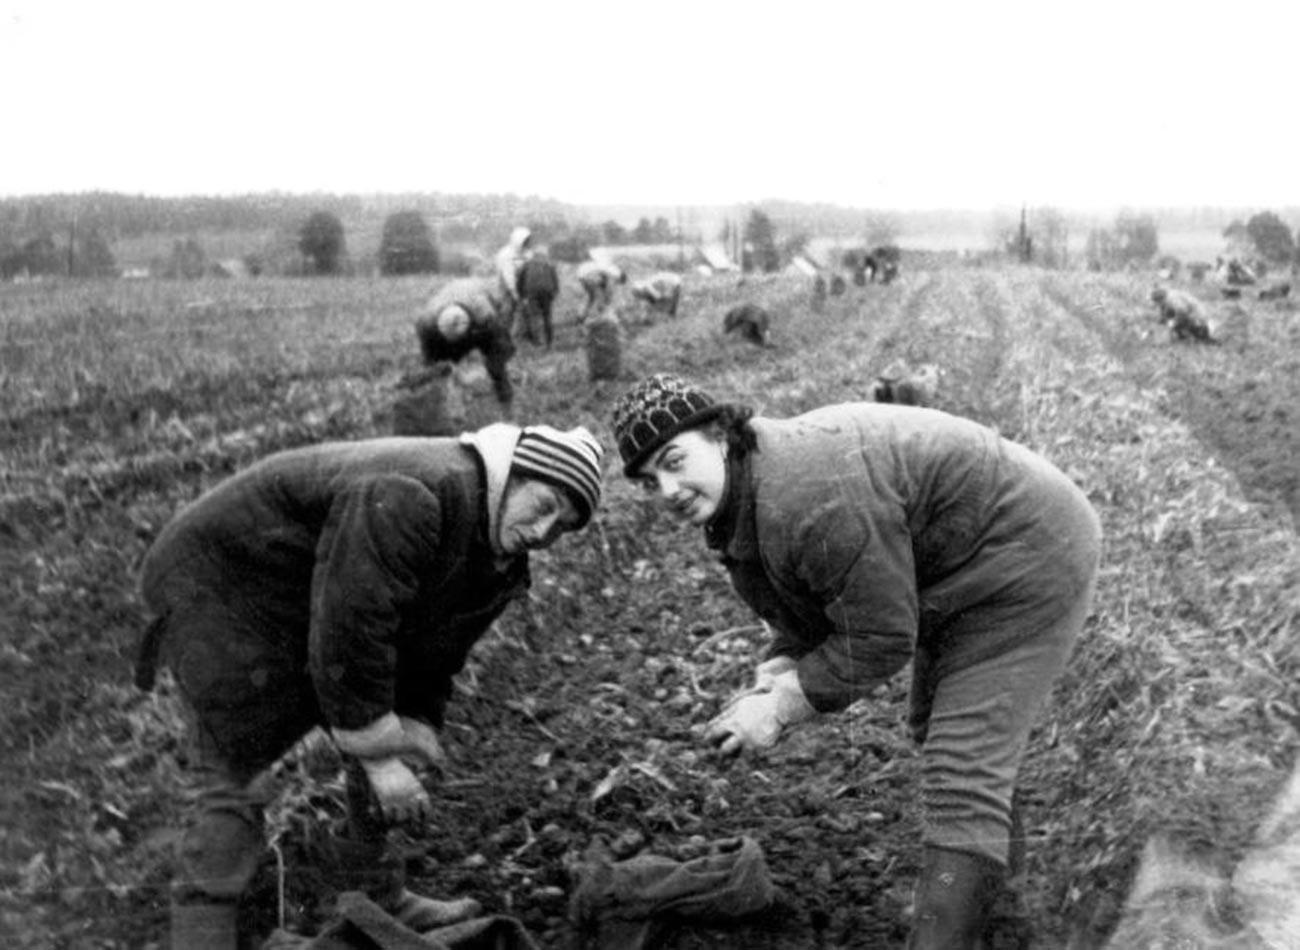 Mahasiswa Departemen Biologi Universitas Negeri Moskow menggali kentang.